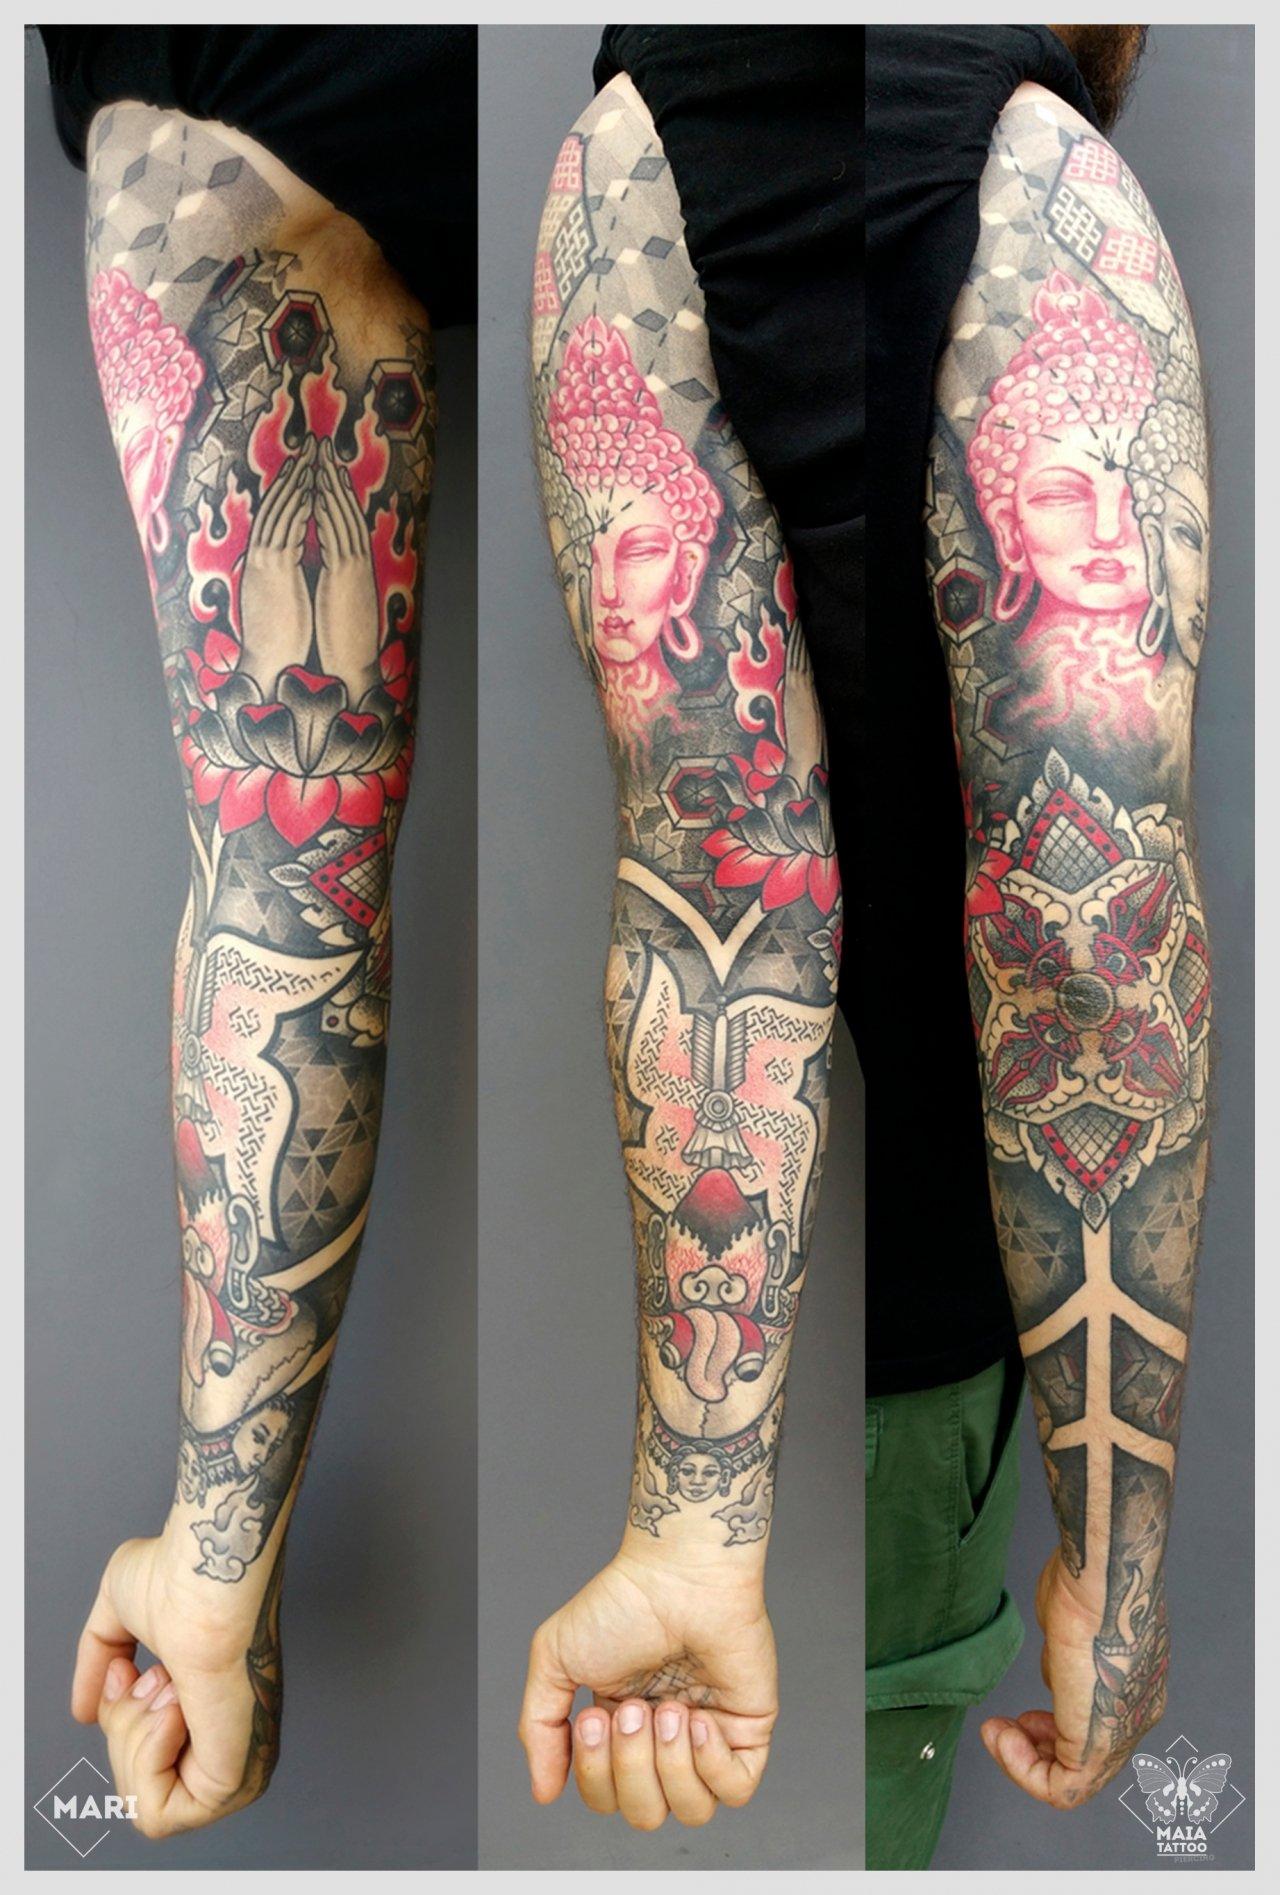 Braccio e mano tattoo ornamentale Maia Tattoo - Tattoo milano